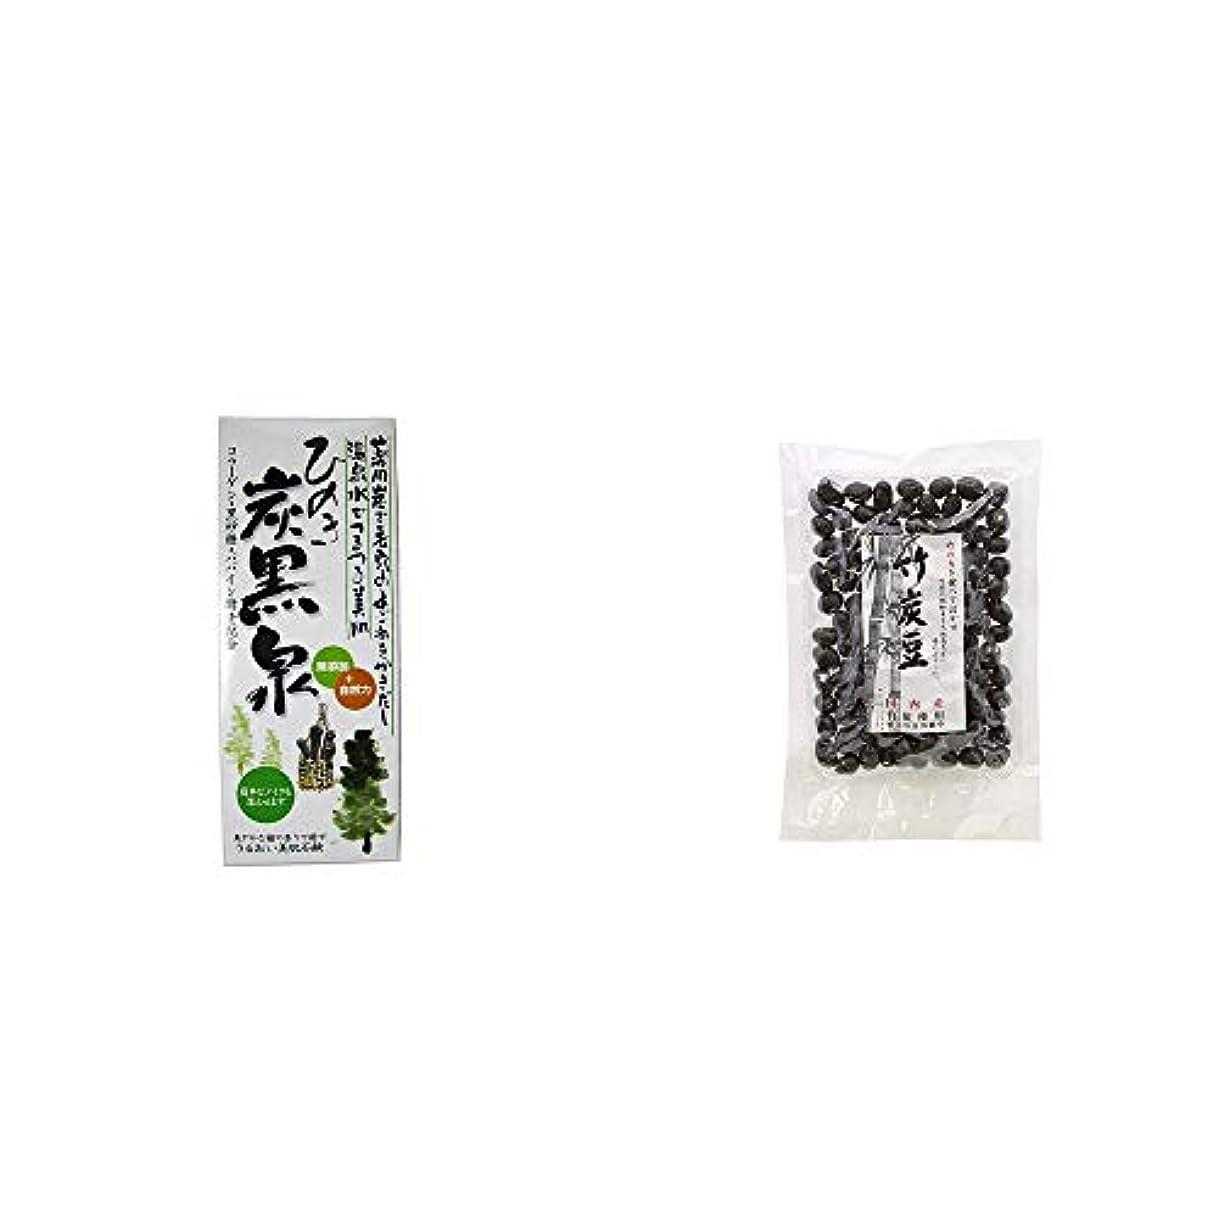 呪い癌リズム[2点セット] ひのき炭黒泉 箱入り(75g×3)?国内産 竹炭使用 竹炭豆(160g)